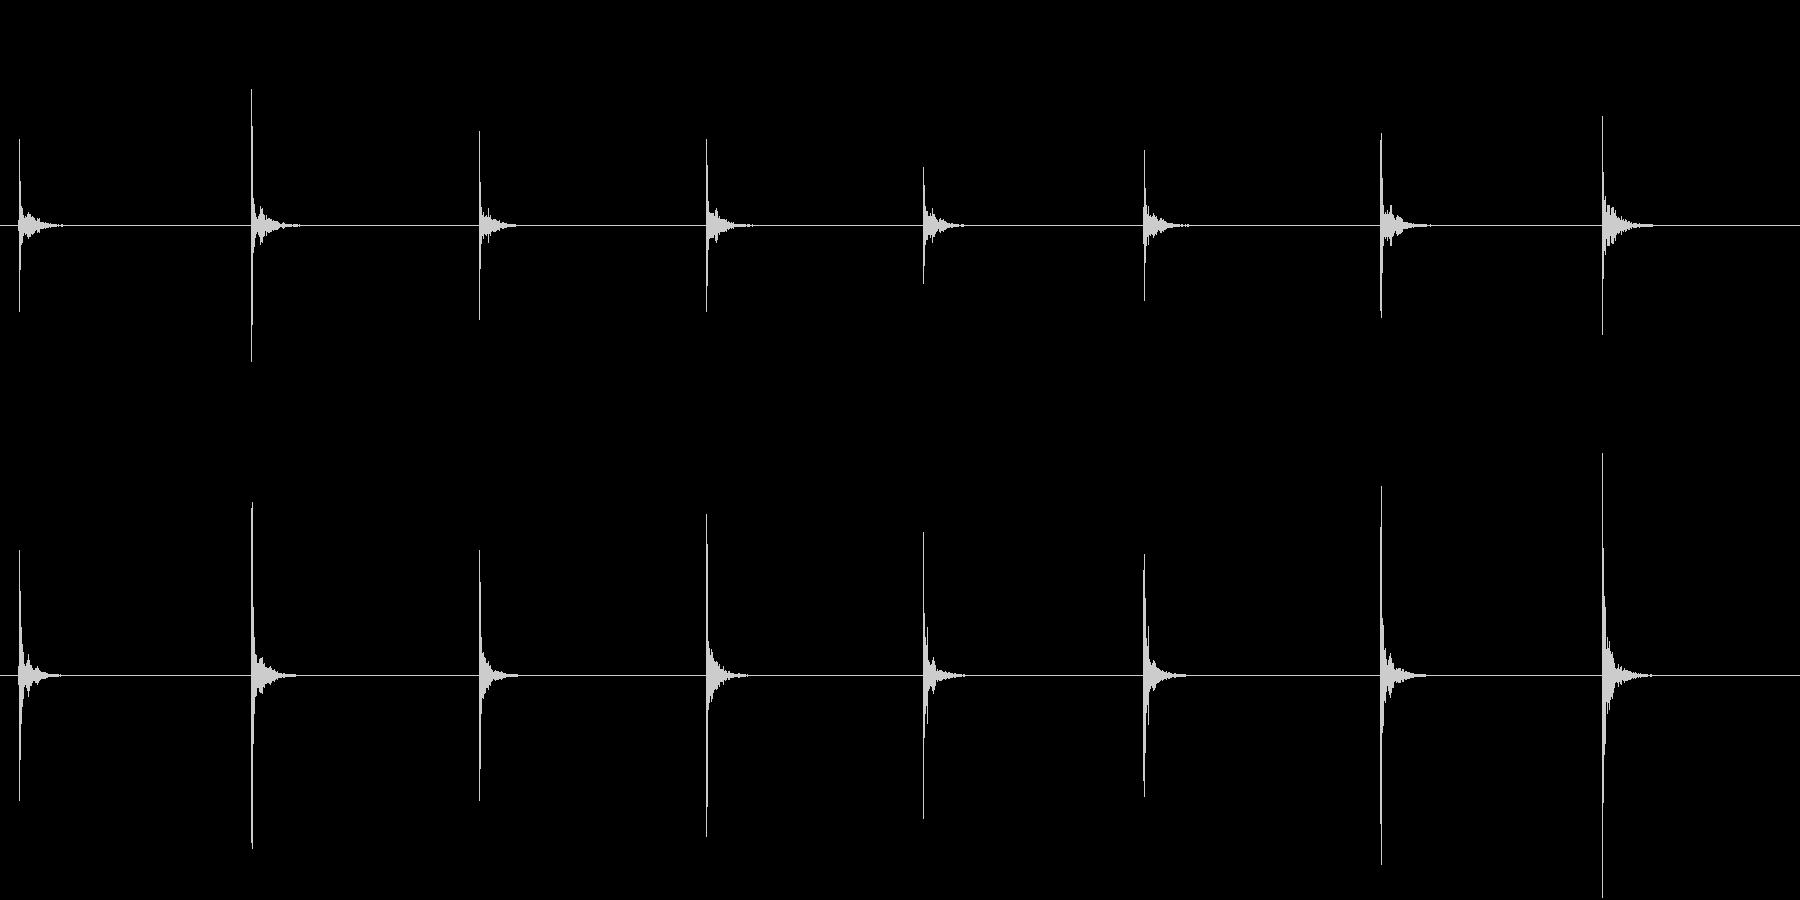 【生録音】お箸の音 3 かき込むの未再生の波形